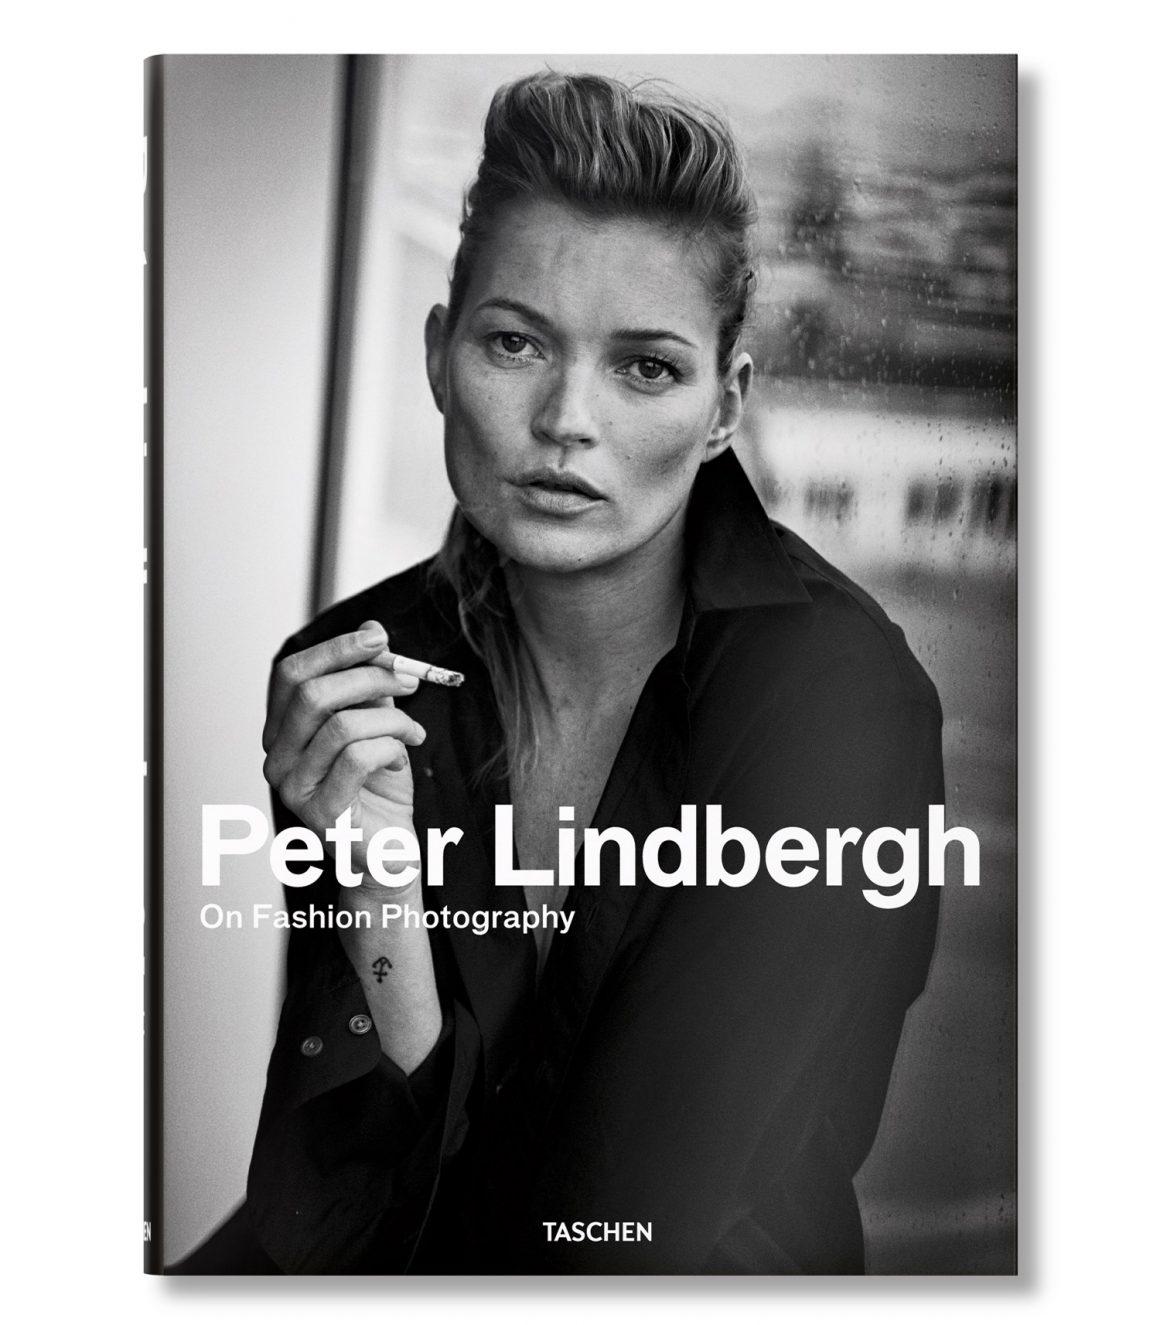 Le livre « On Fashion Photography » de Peter Lindbergh